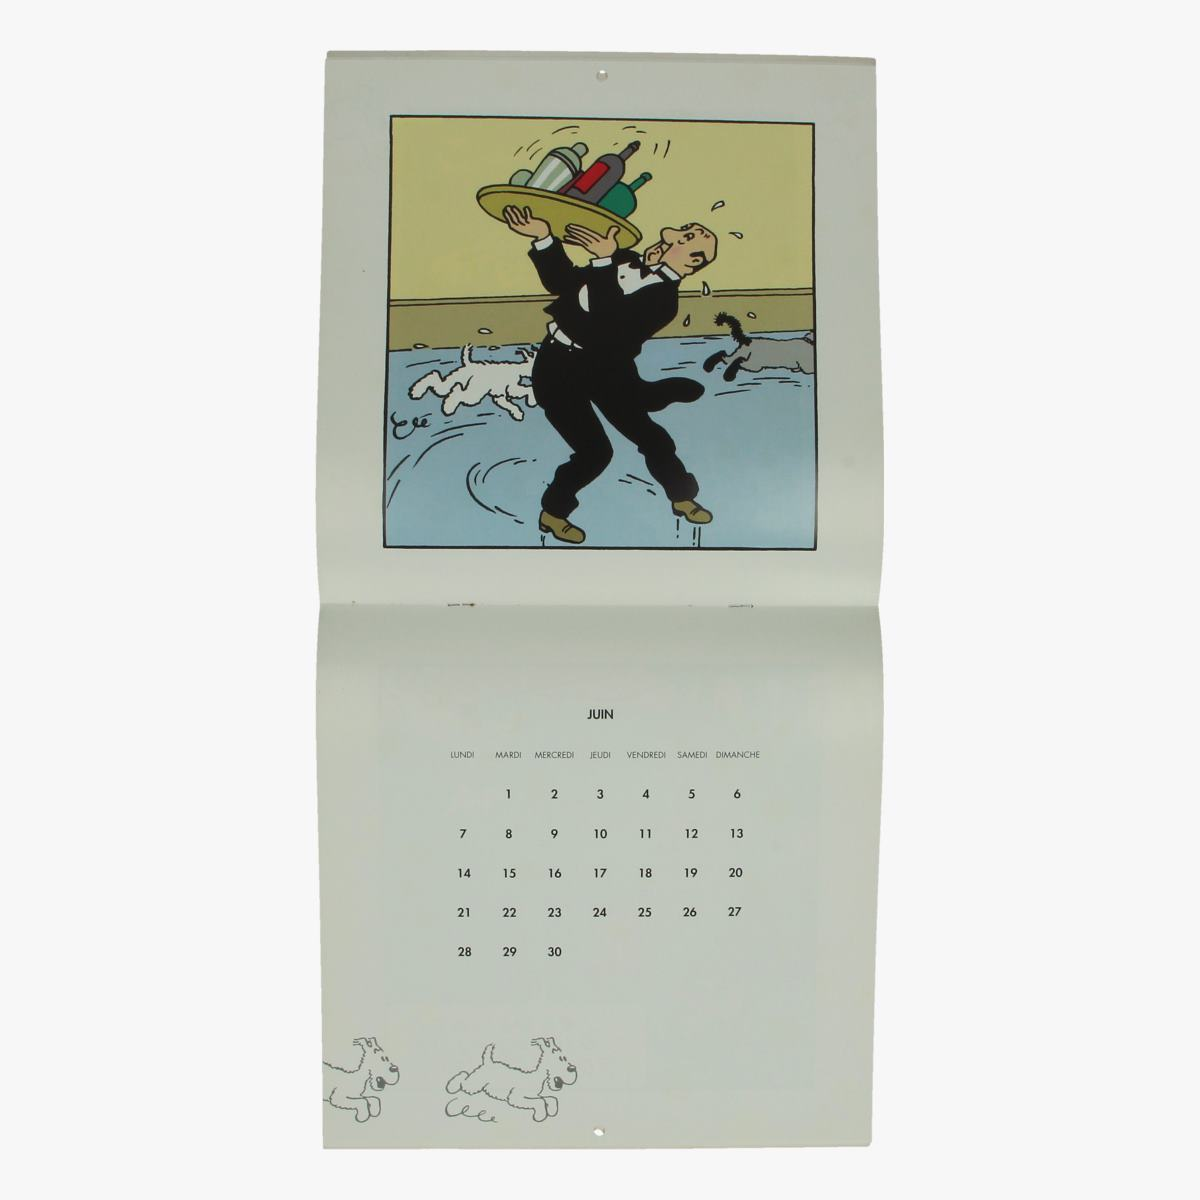 Afbeeldingen van kalender Hergé bien joué, Milou 1993